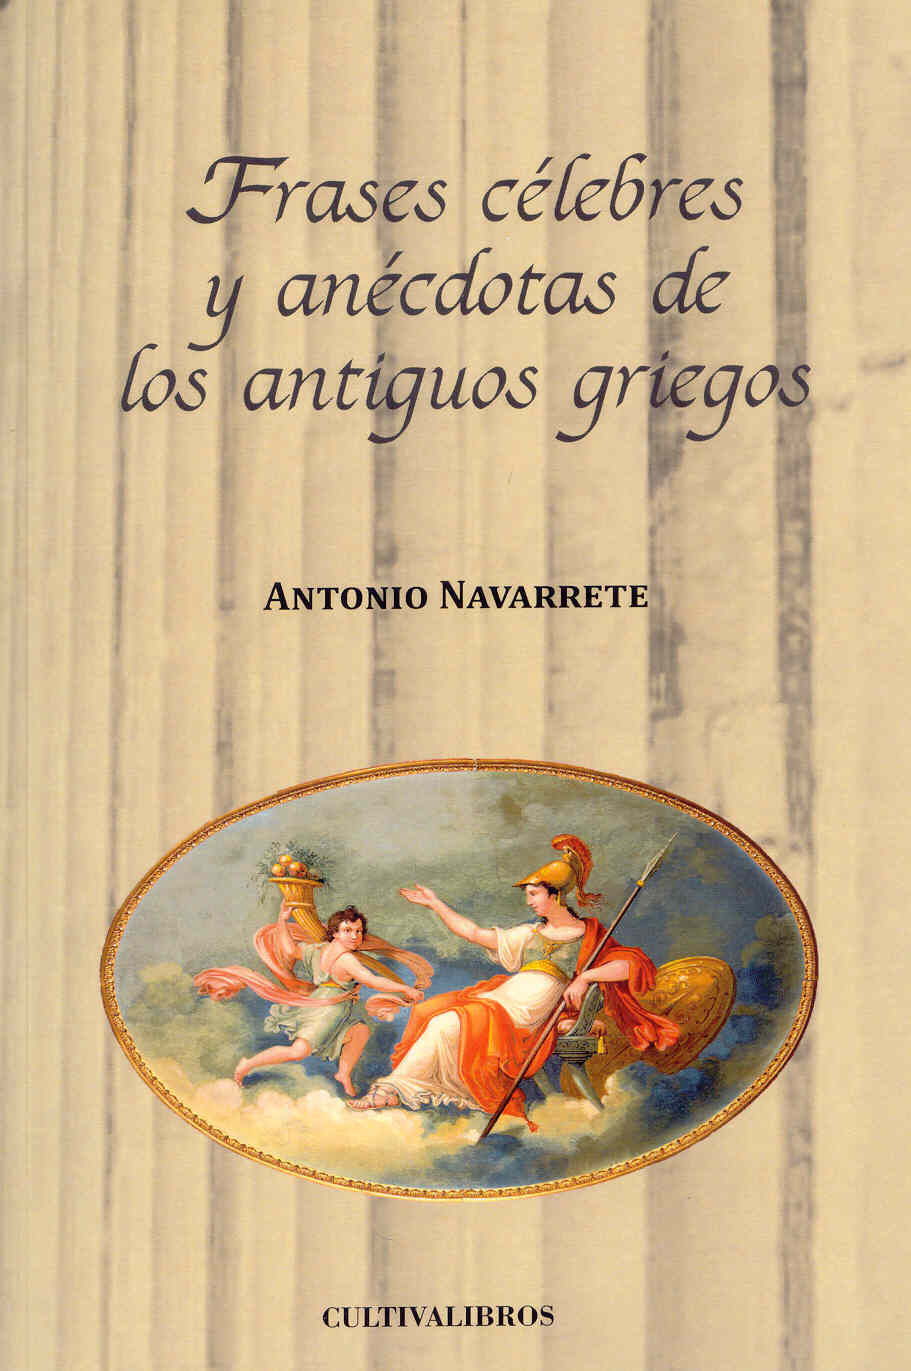 Cultivalibros publica Frases clebres y ancdotas de los antiguos